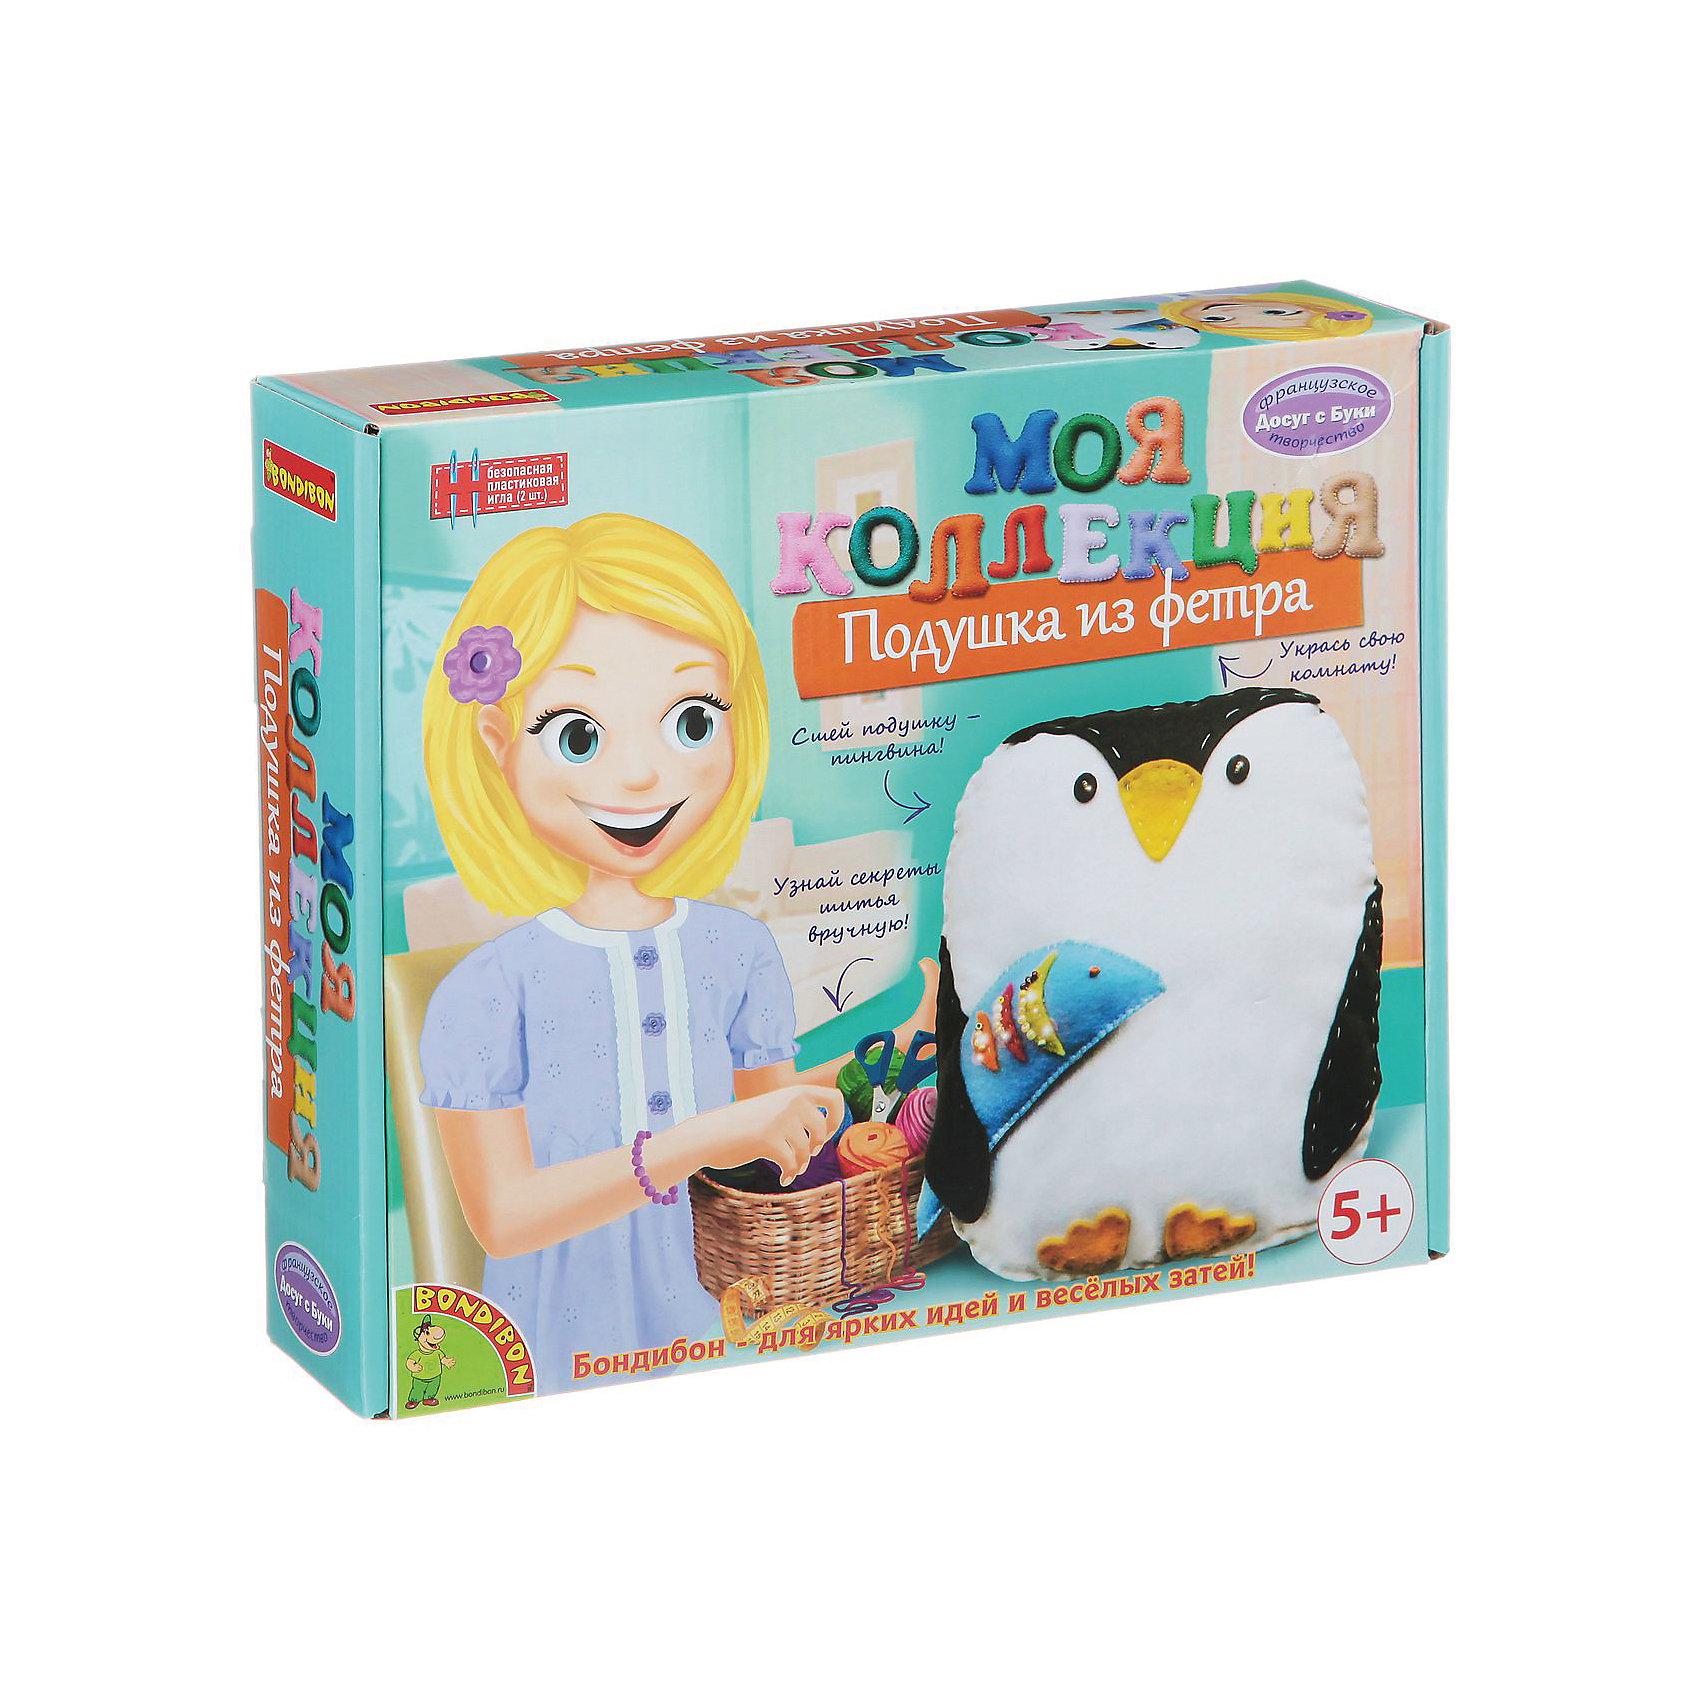 Шьем из фетра Подушка-пингвинШьем из фетра Подушка-пингвин – легко даже для новичков.<br>Набор содержит приятные на ощупь выкройки для «вкусной» игрушки. Ткань изготовлена из качественного материала, не вызывающего аллергию. Подробная инструкция поможет ребенку сшить игрушку красиво и правильно, даже если он делает это впервые. Такая милая подушка станет настоящим украшением для детской комнаты.<br><br>Дополнительная информация:<br><br>- возраст: от 6 лет<br>- материал: фетр, наполнитель, нитки, иголка, инструкция<br>- игрушка: подушка-пингвин<br><br>Шьем из фетра Подушка-пингвин можно купить в нашем интернет магазине.<br><br>Ширина мм: 27<br>Глубина мм: 6<br>Высота мм: 22<br>Вес г: 261<br>Возраст от месяцев: 60<br>Возраст до месяцев: 144<br>Пол: Женский<br>Возраст: Детский<br>SKU: 4993125